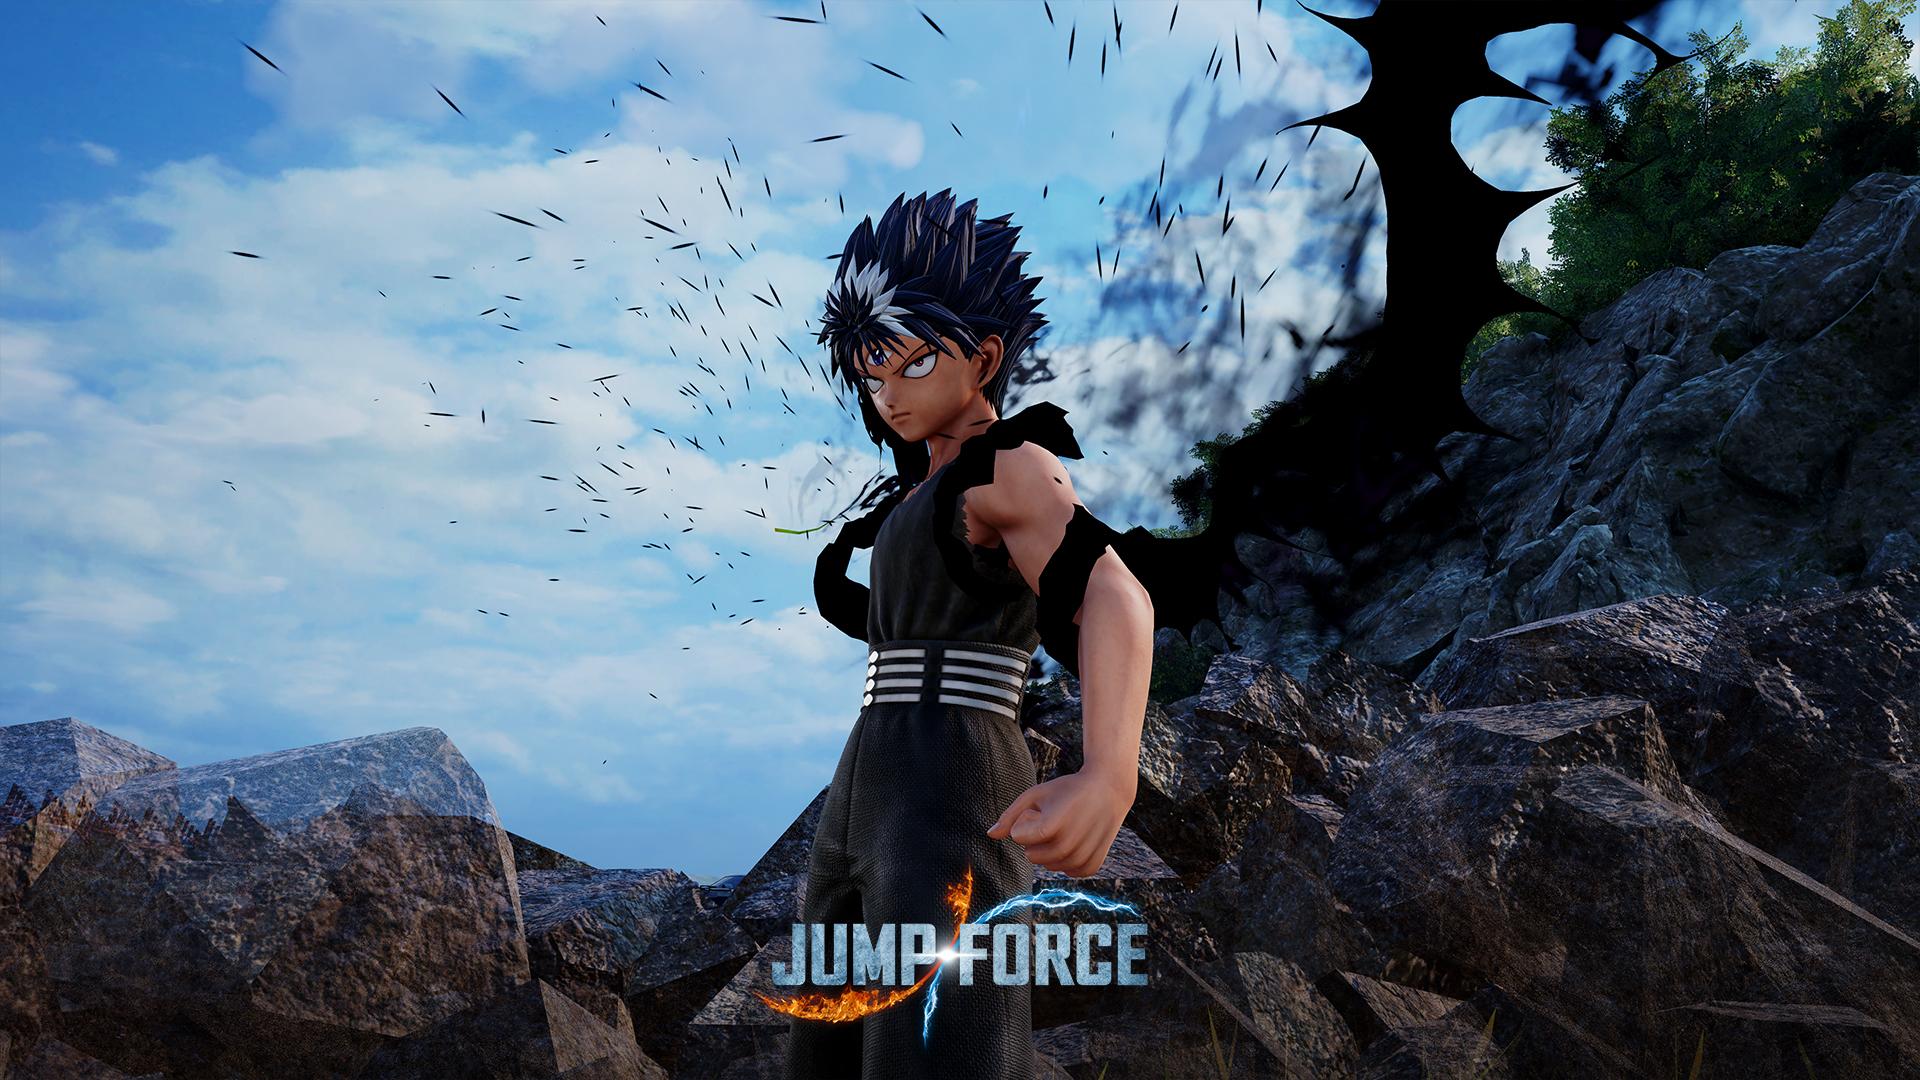 JUMP FORCE - Hiei